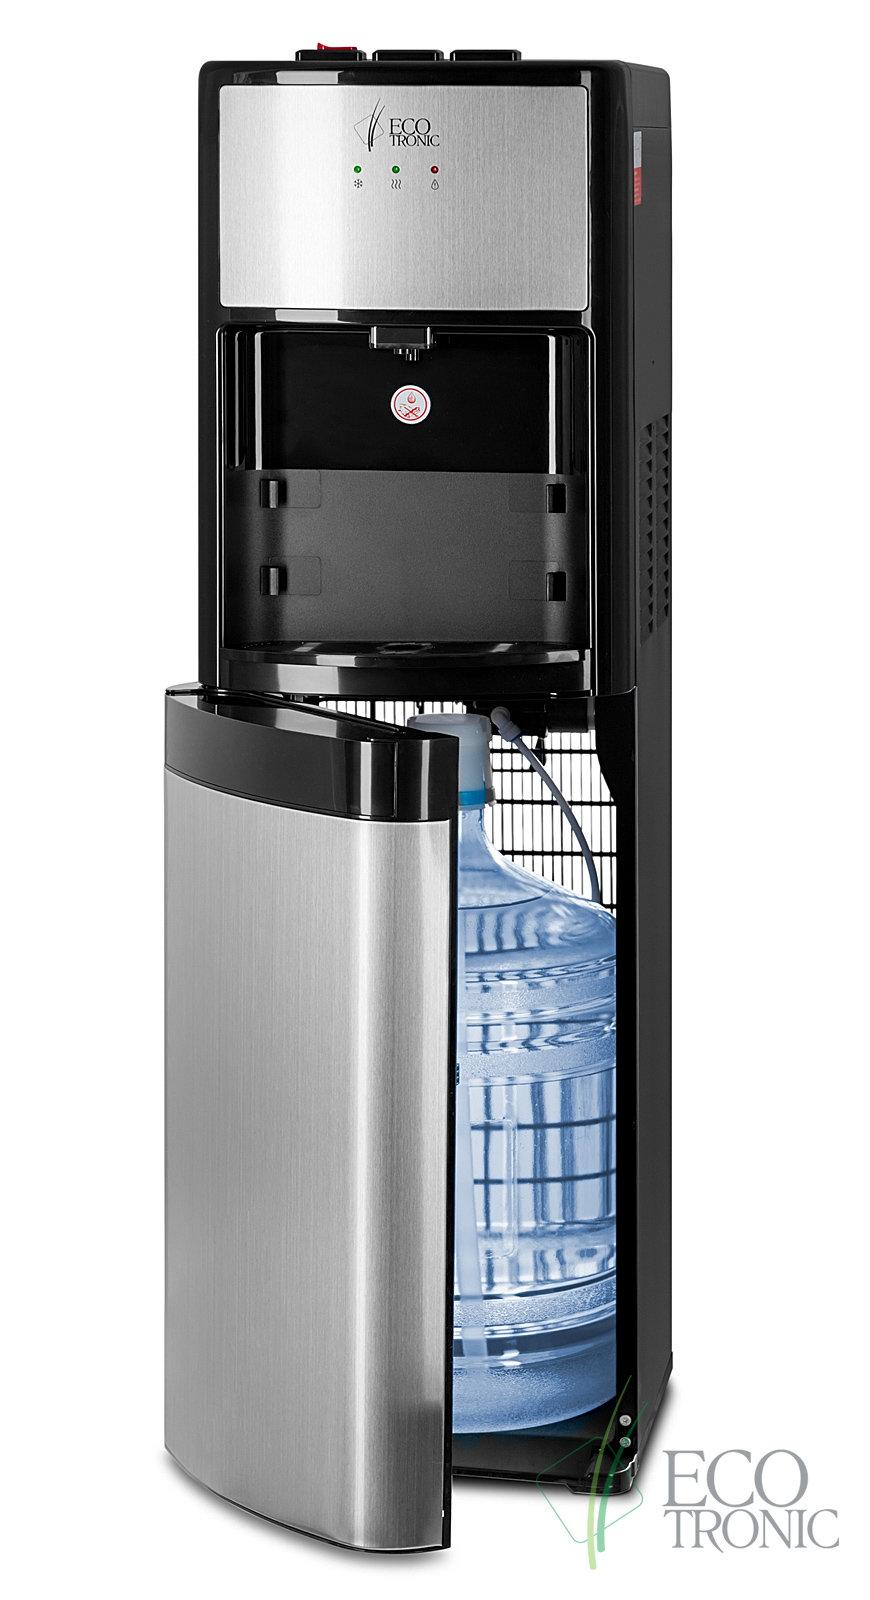 Кулер для воды с нижней загрузкой Ecotronic M9-LX